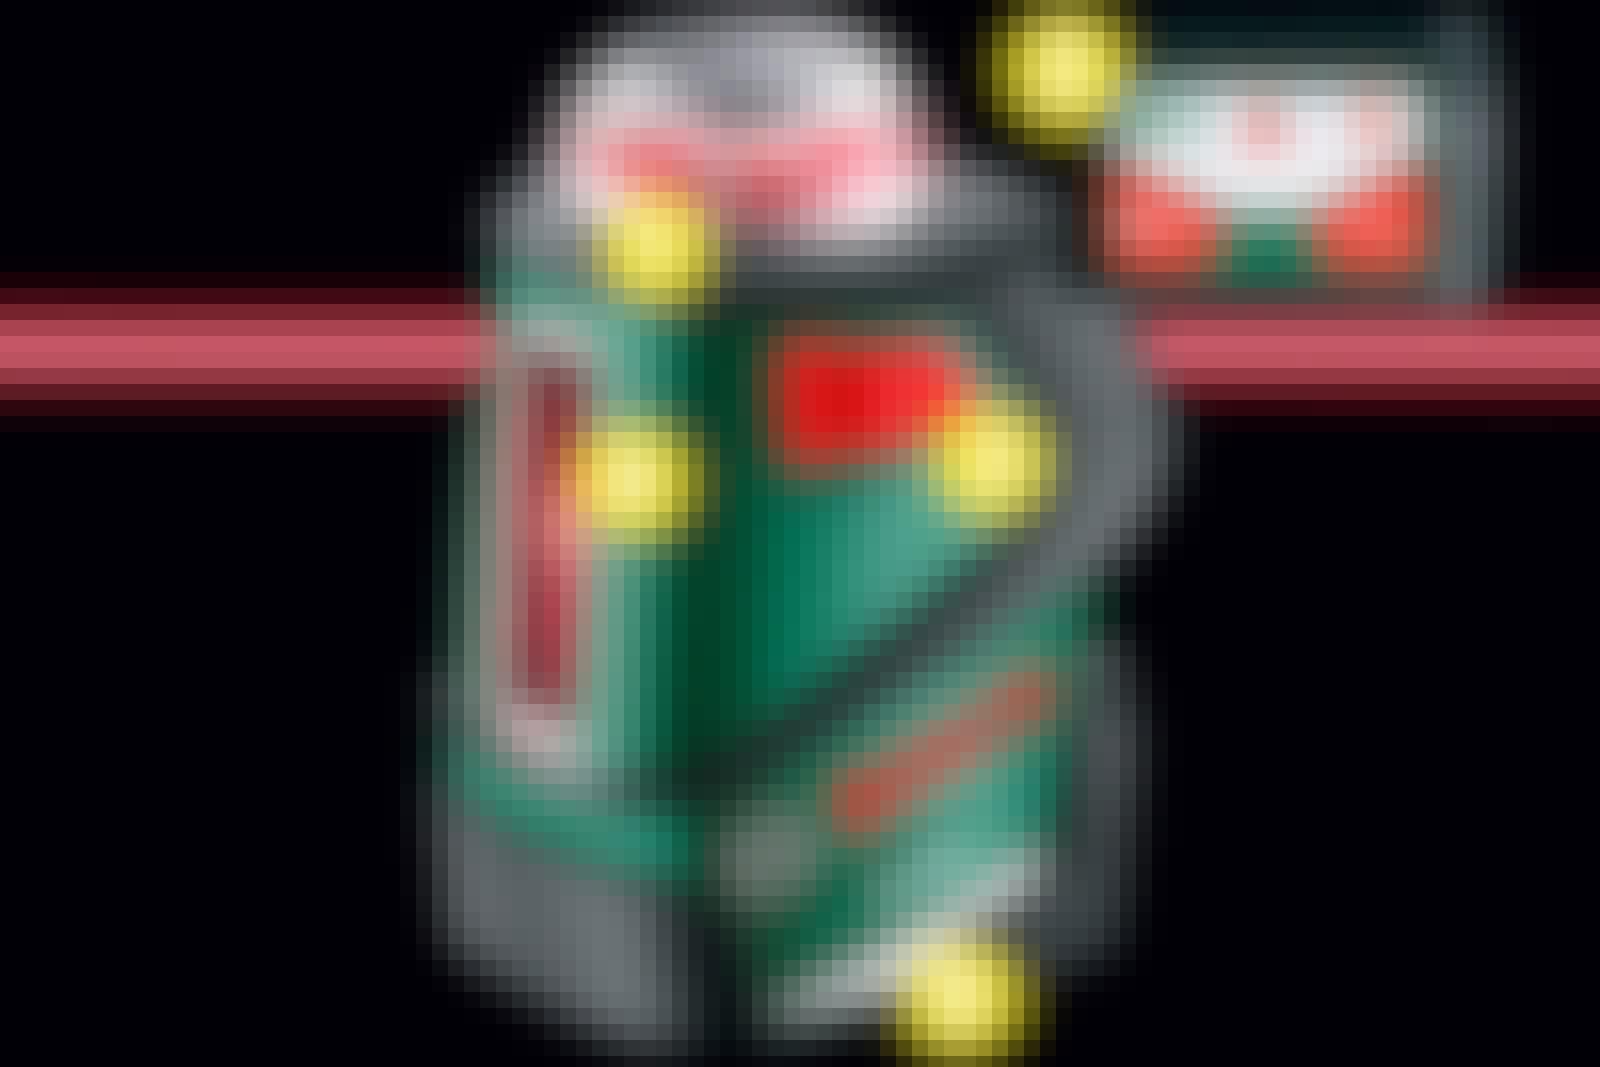 Sirkellaser: Sirkellaser fra Bosch